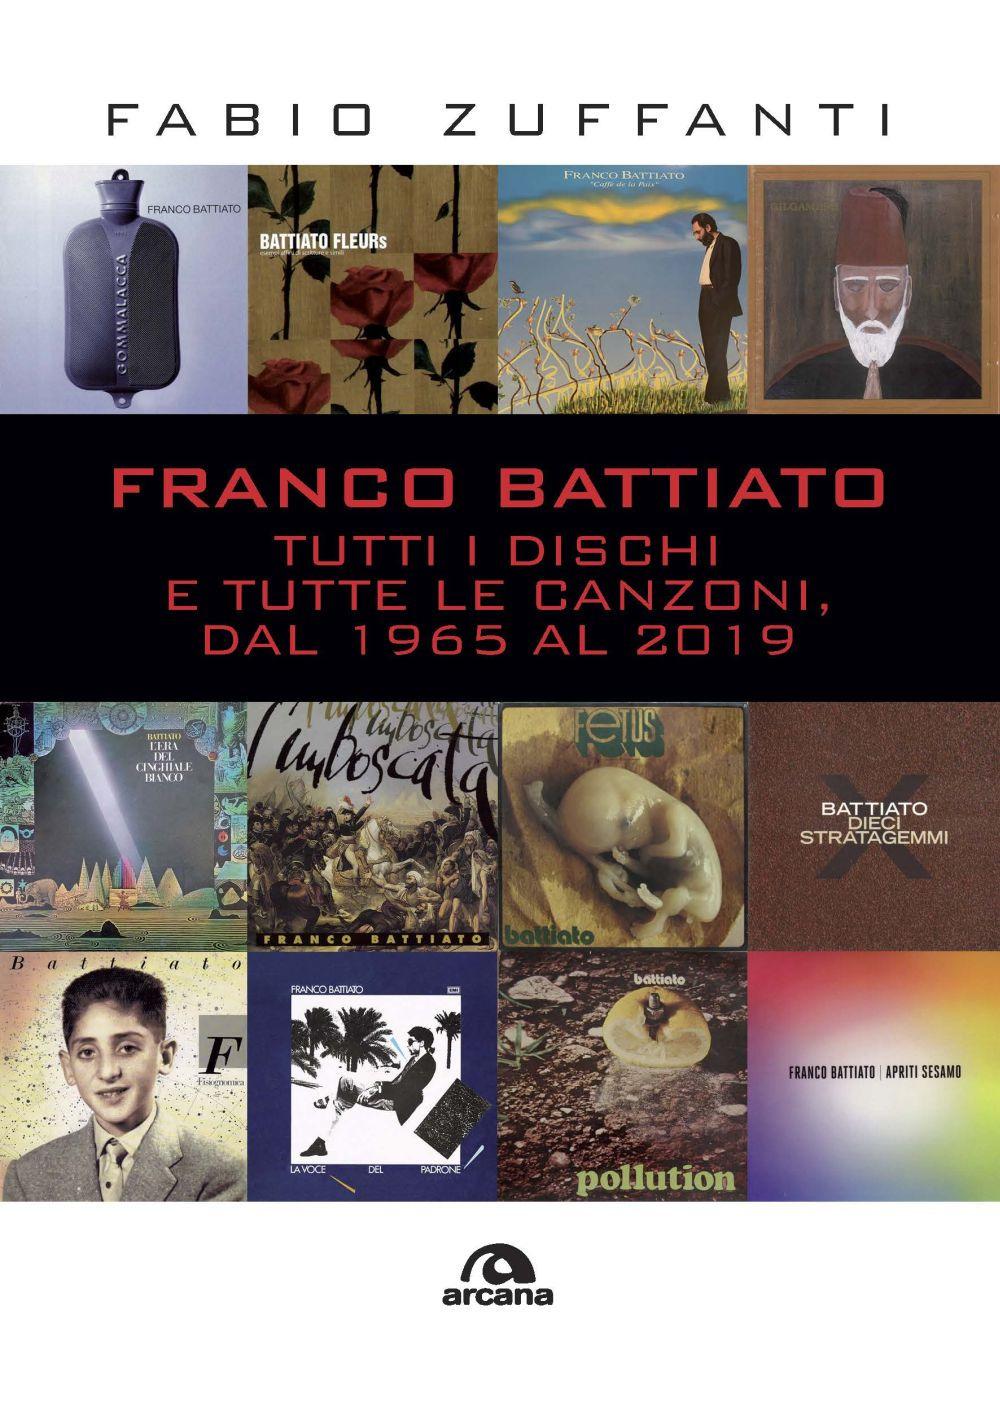 FRANCO BATTIATO. TUTTI I DISCHI E TUTTE LE CANZONI - 9788862317542